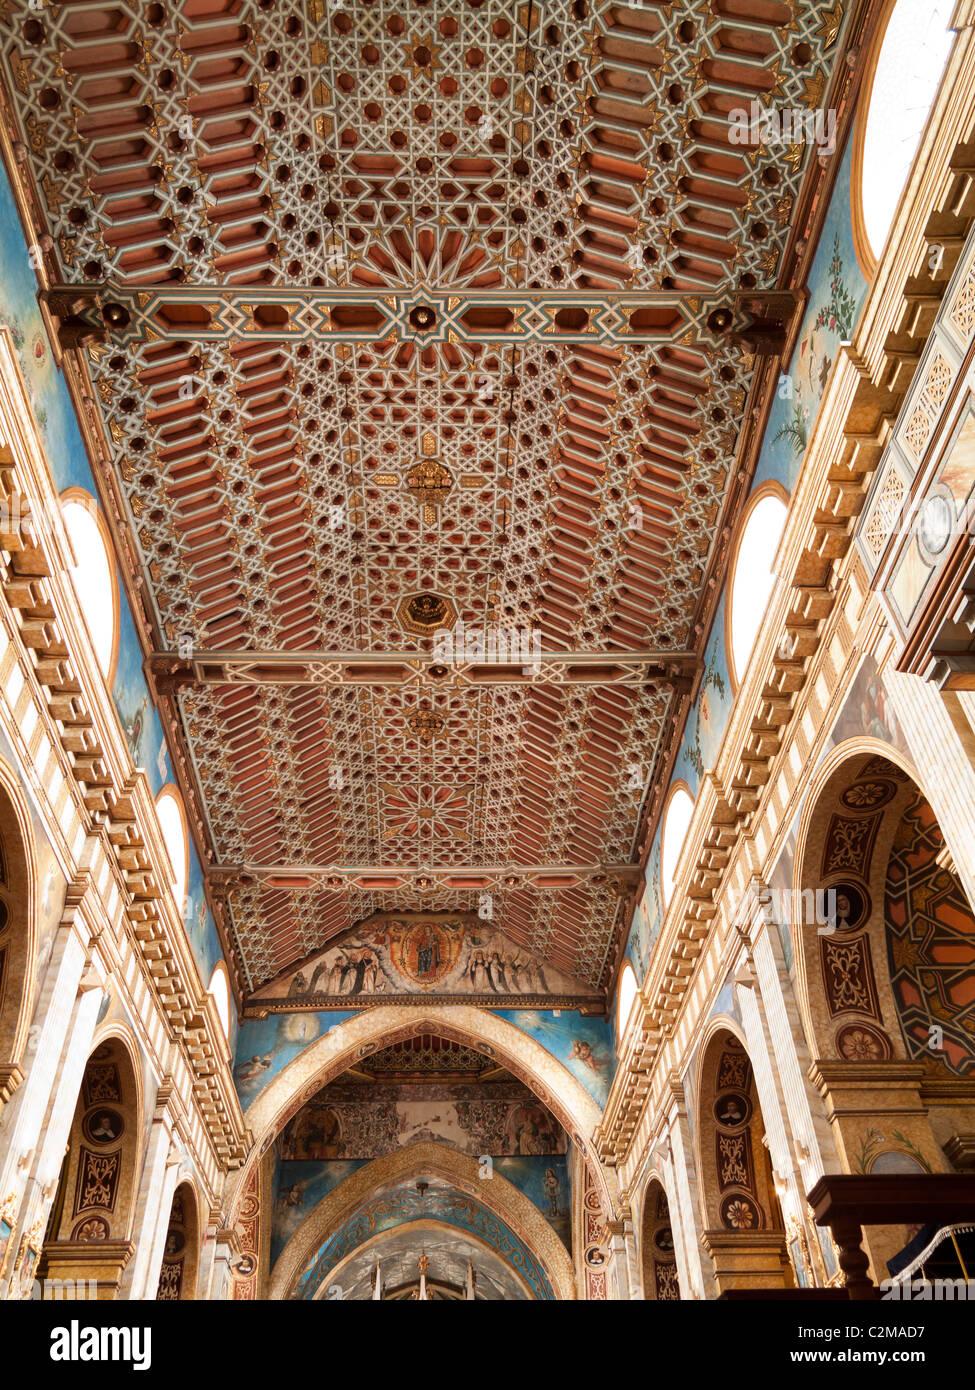 Techo de estilo mudéjar de la Iglesia de Santo Domingo, Quito, Ecuador Imagen De Stock